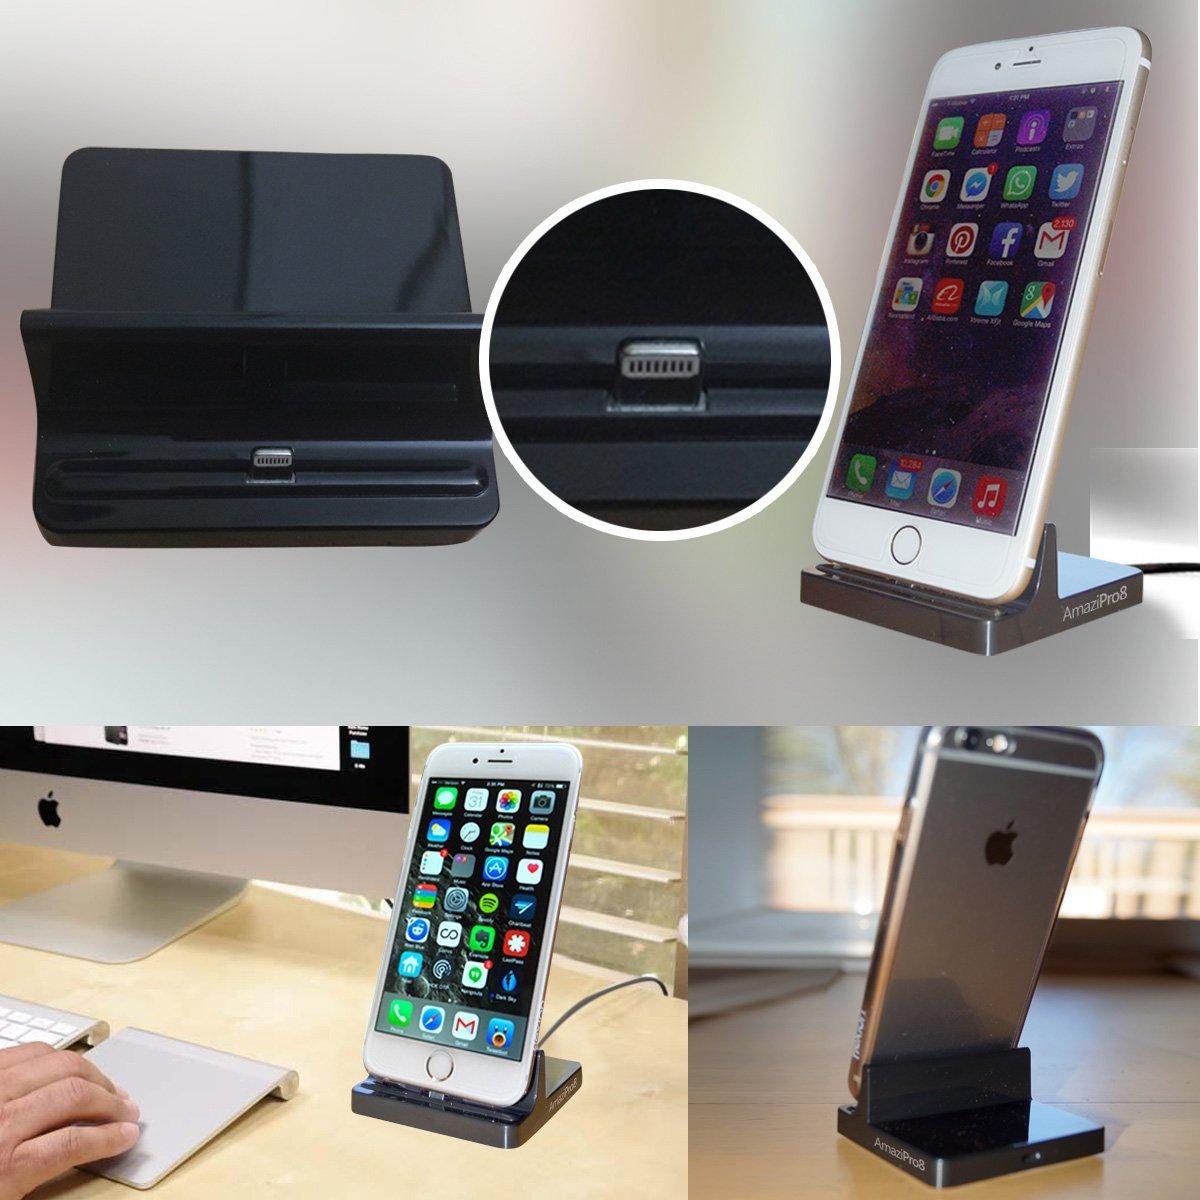 iphone charger docking station lightning dock stations. Black Bedroom Furniture Sets. Home Design Ideas